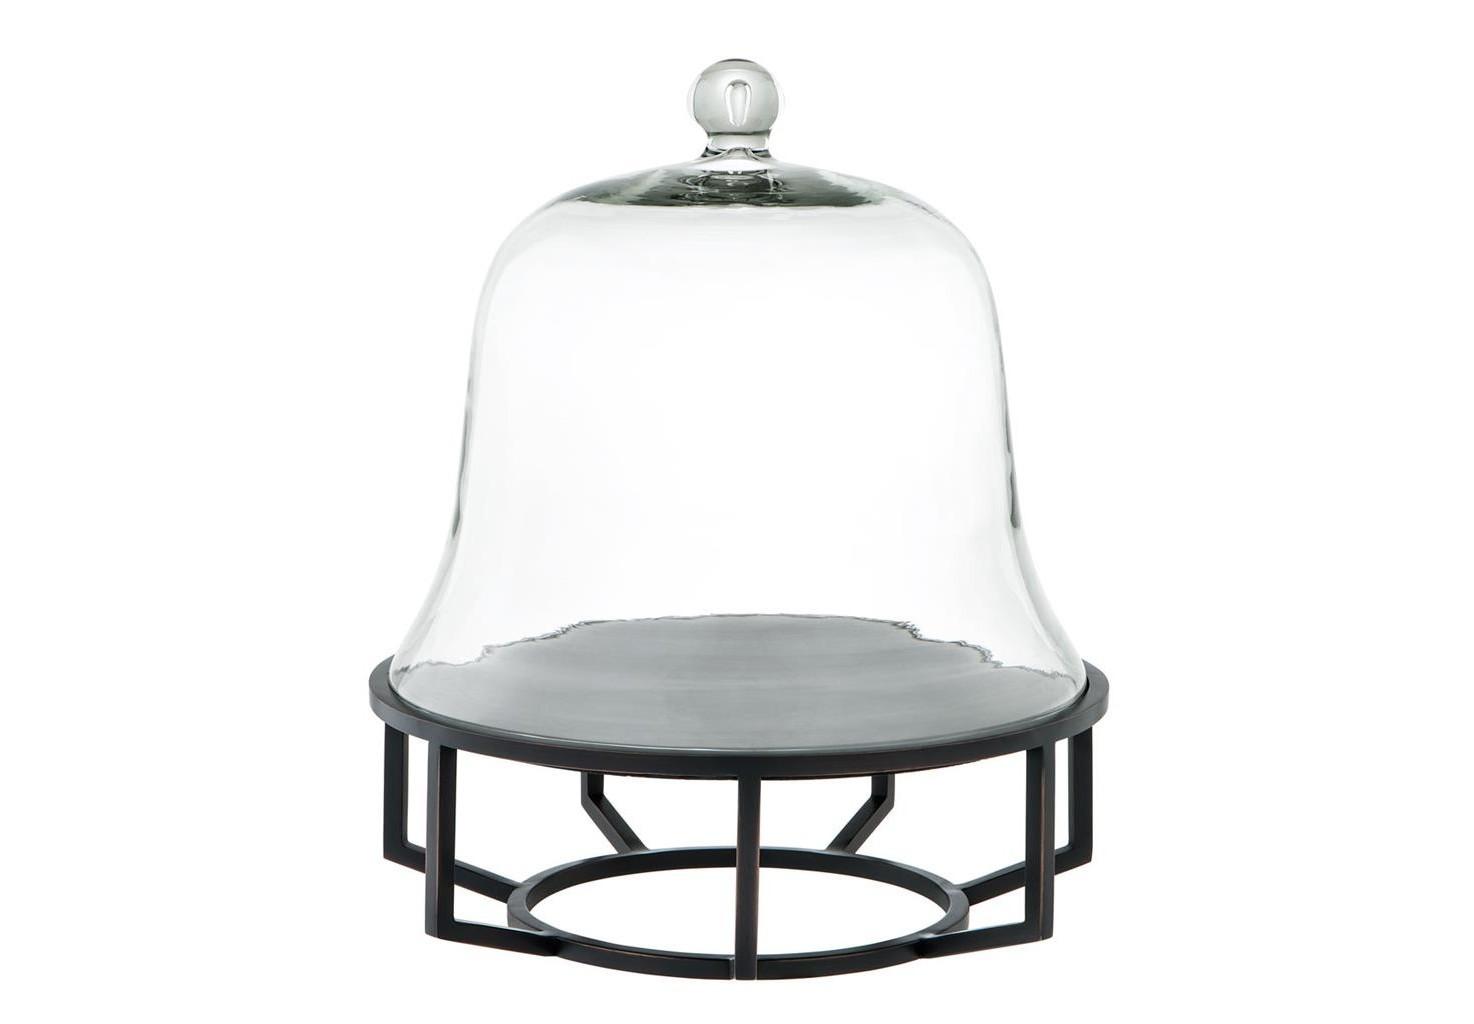 ПосудаПодставки и доски<br>Блюдо для выпечки Cake Stand Branners со стеклянной крышкой. Основа из металла черно-бронзового цвета с подносом из черного гранита.<br><br>Material: Стекло<br>Height см: 42<br>Diameter см: 35